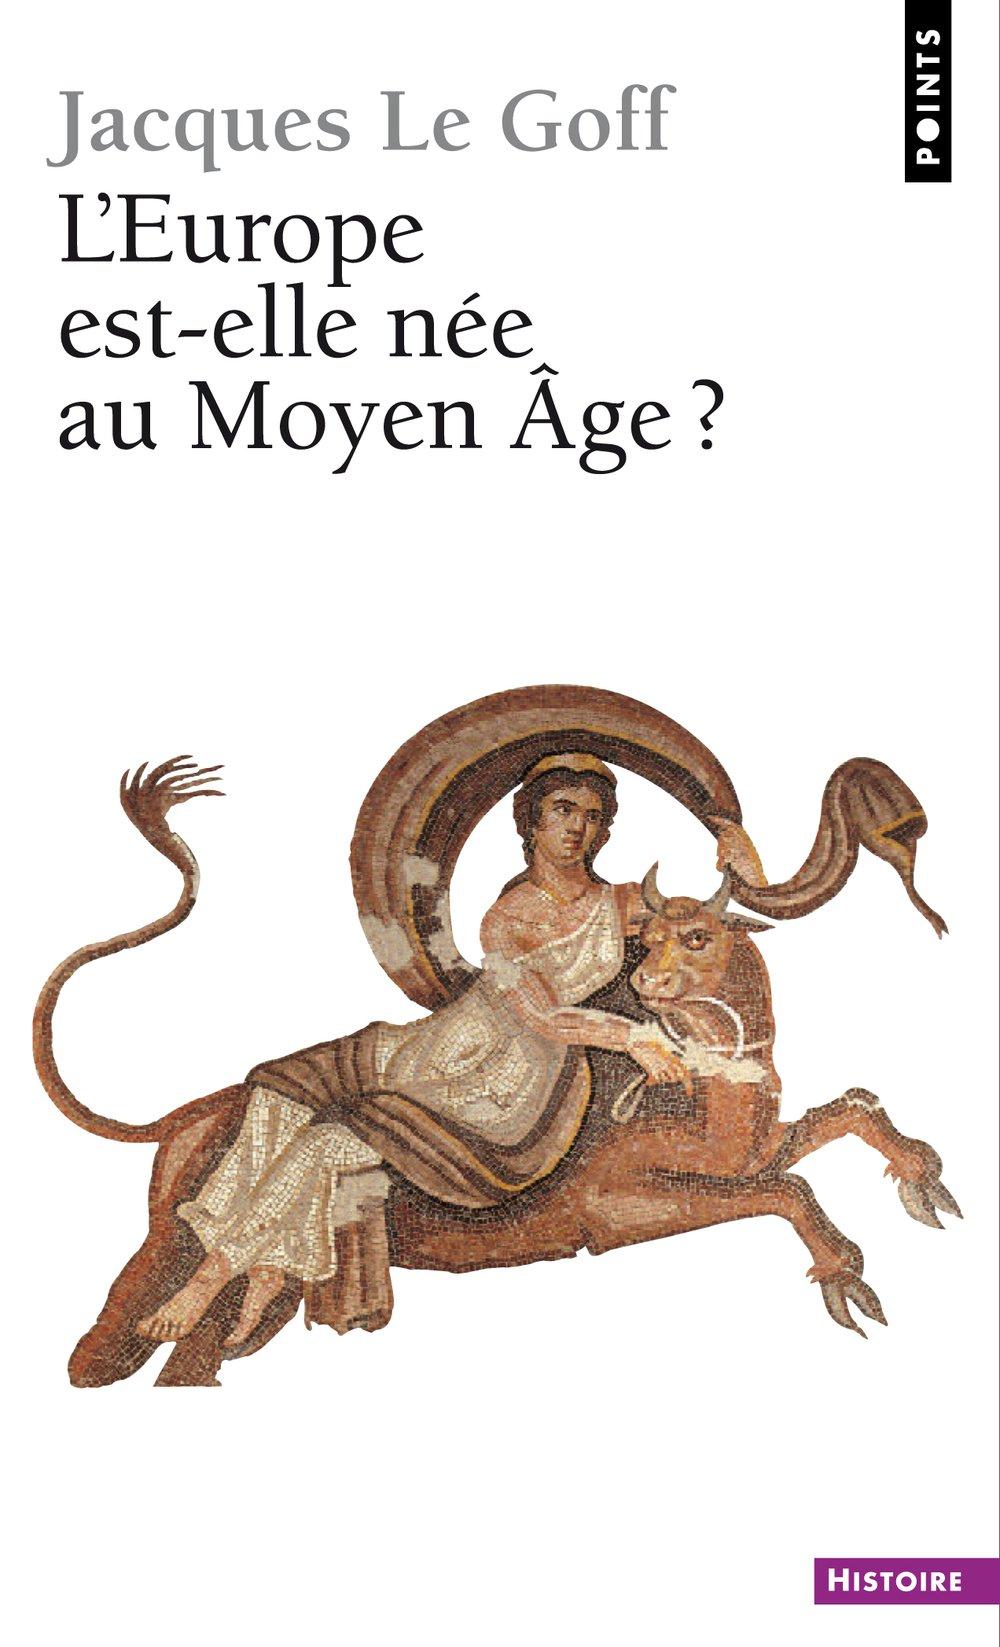 L'Europe est-elle née au Moyen Âge - Jacques Le Goff